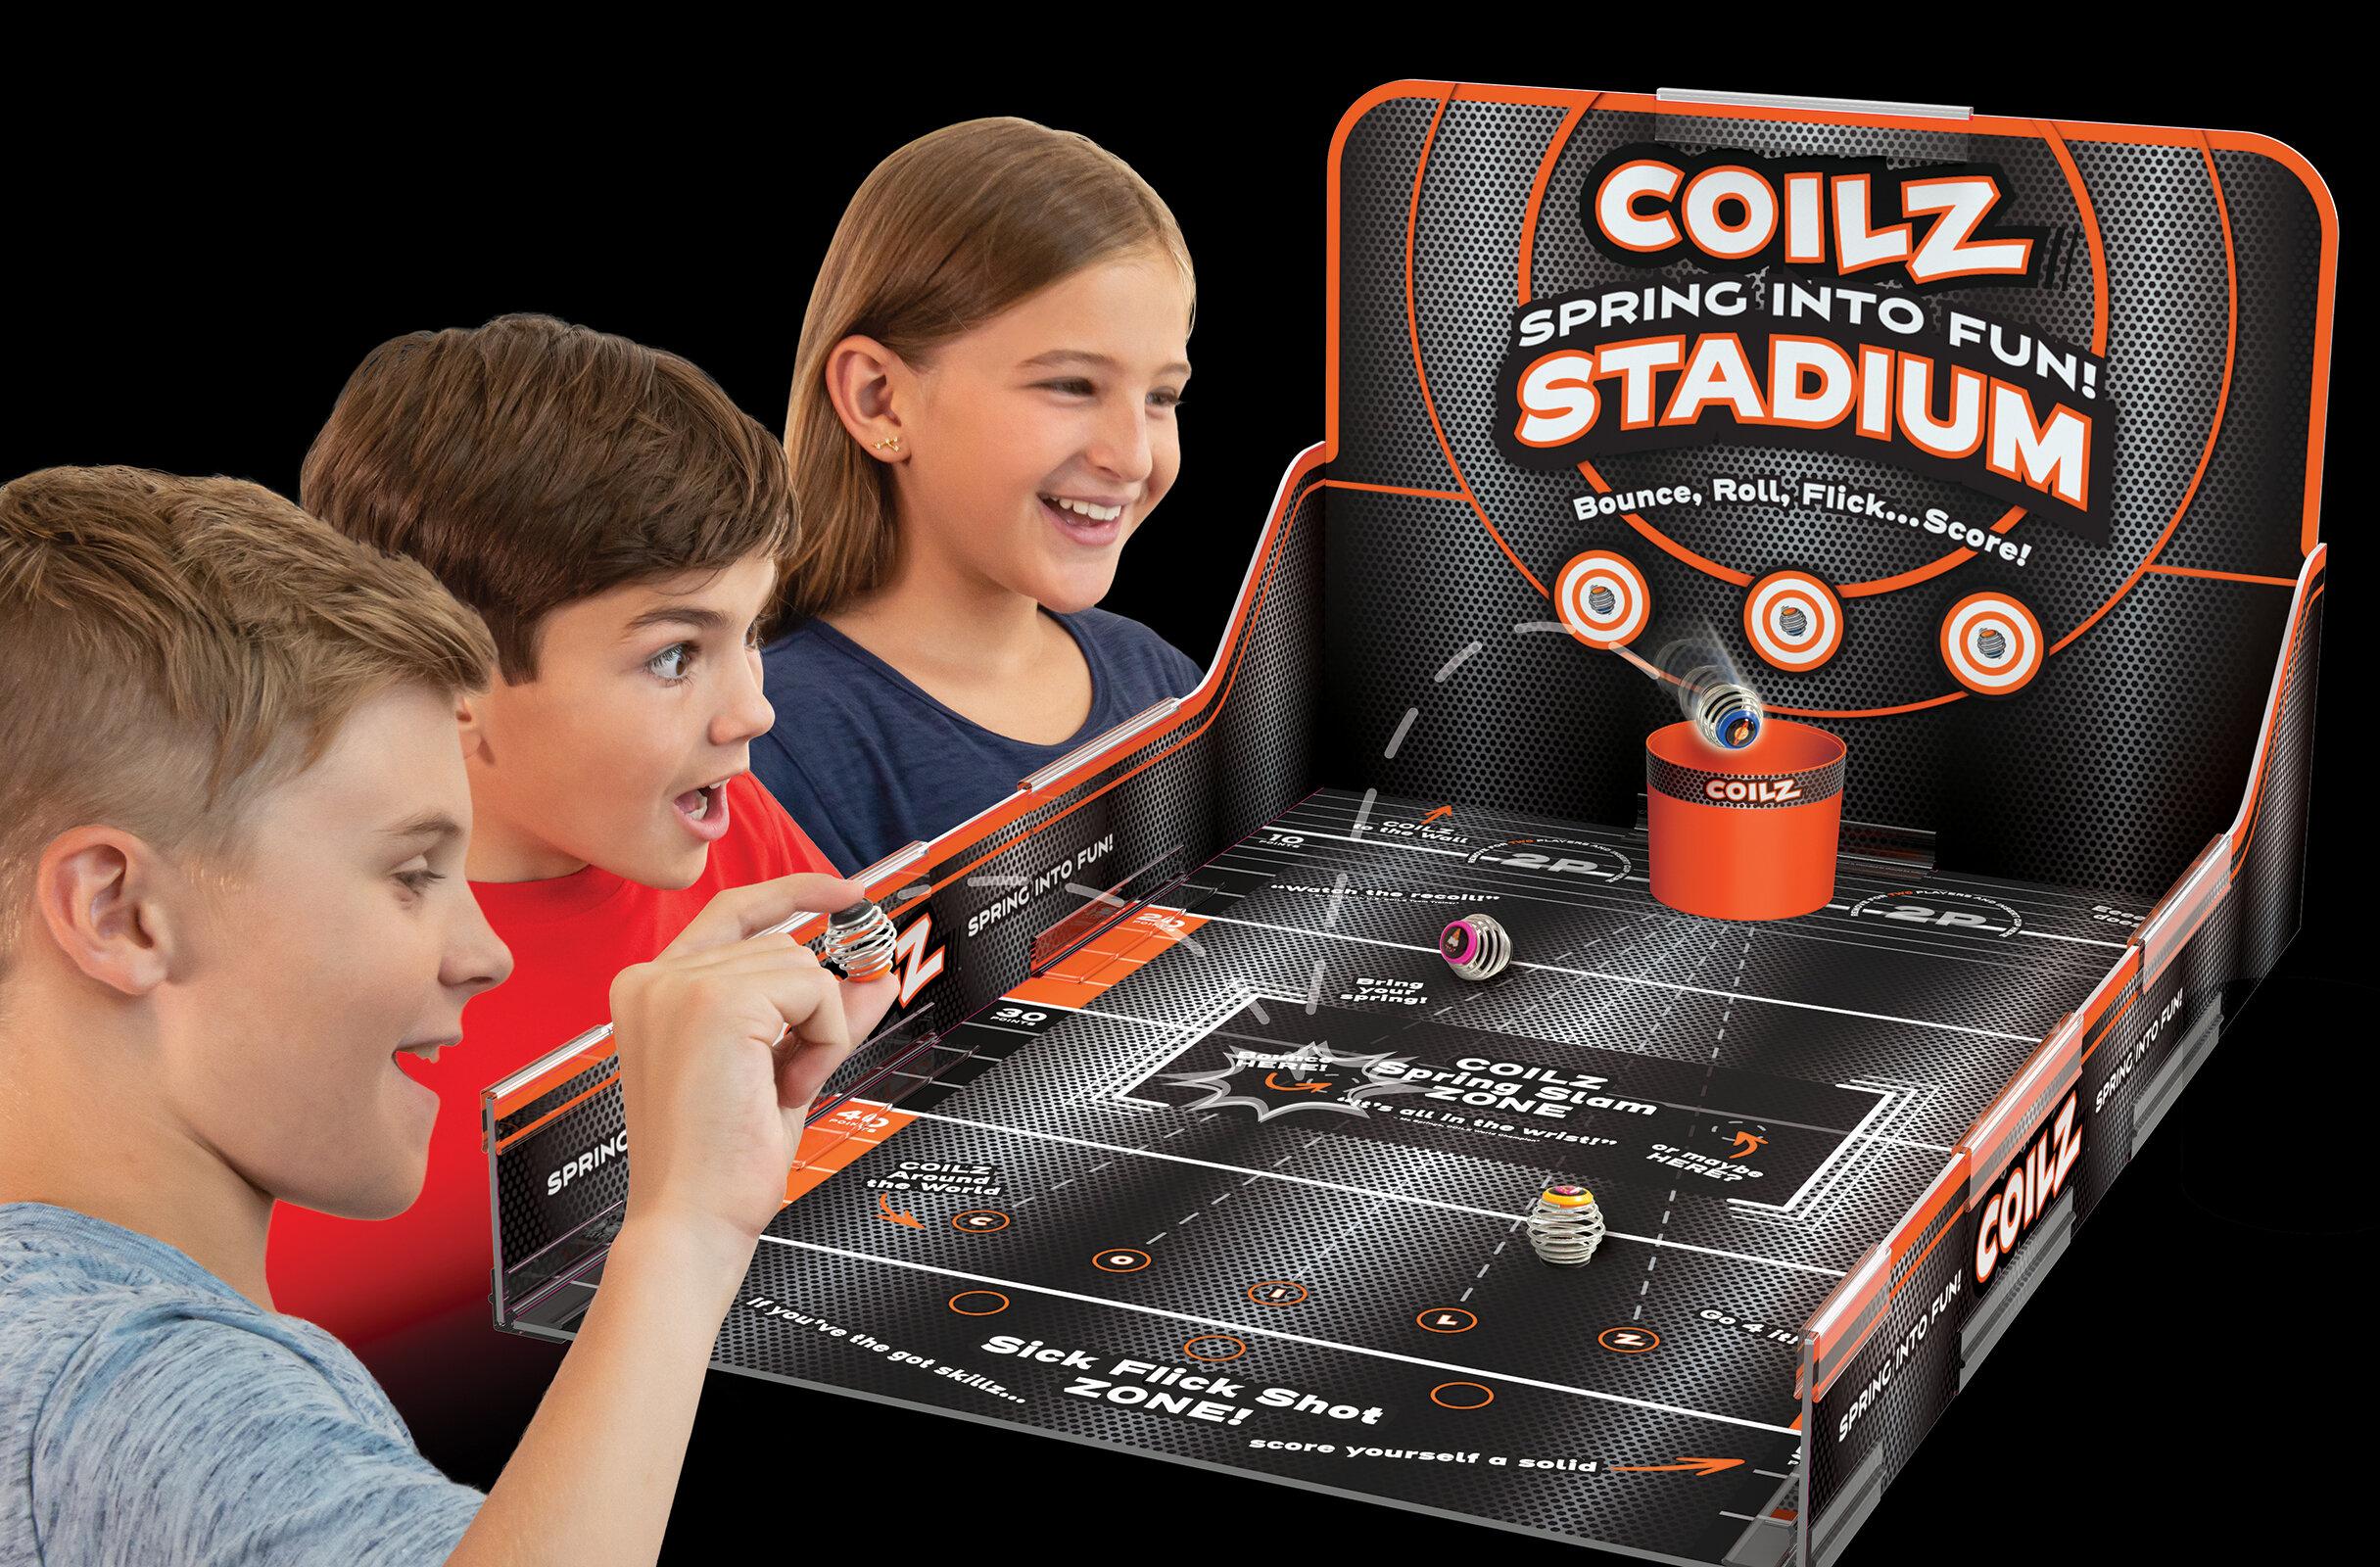 Coilz_Stadium_with_kids_-_hi-res.jpg